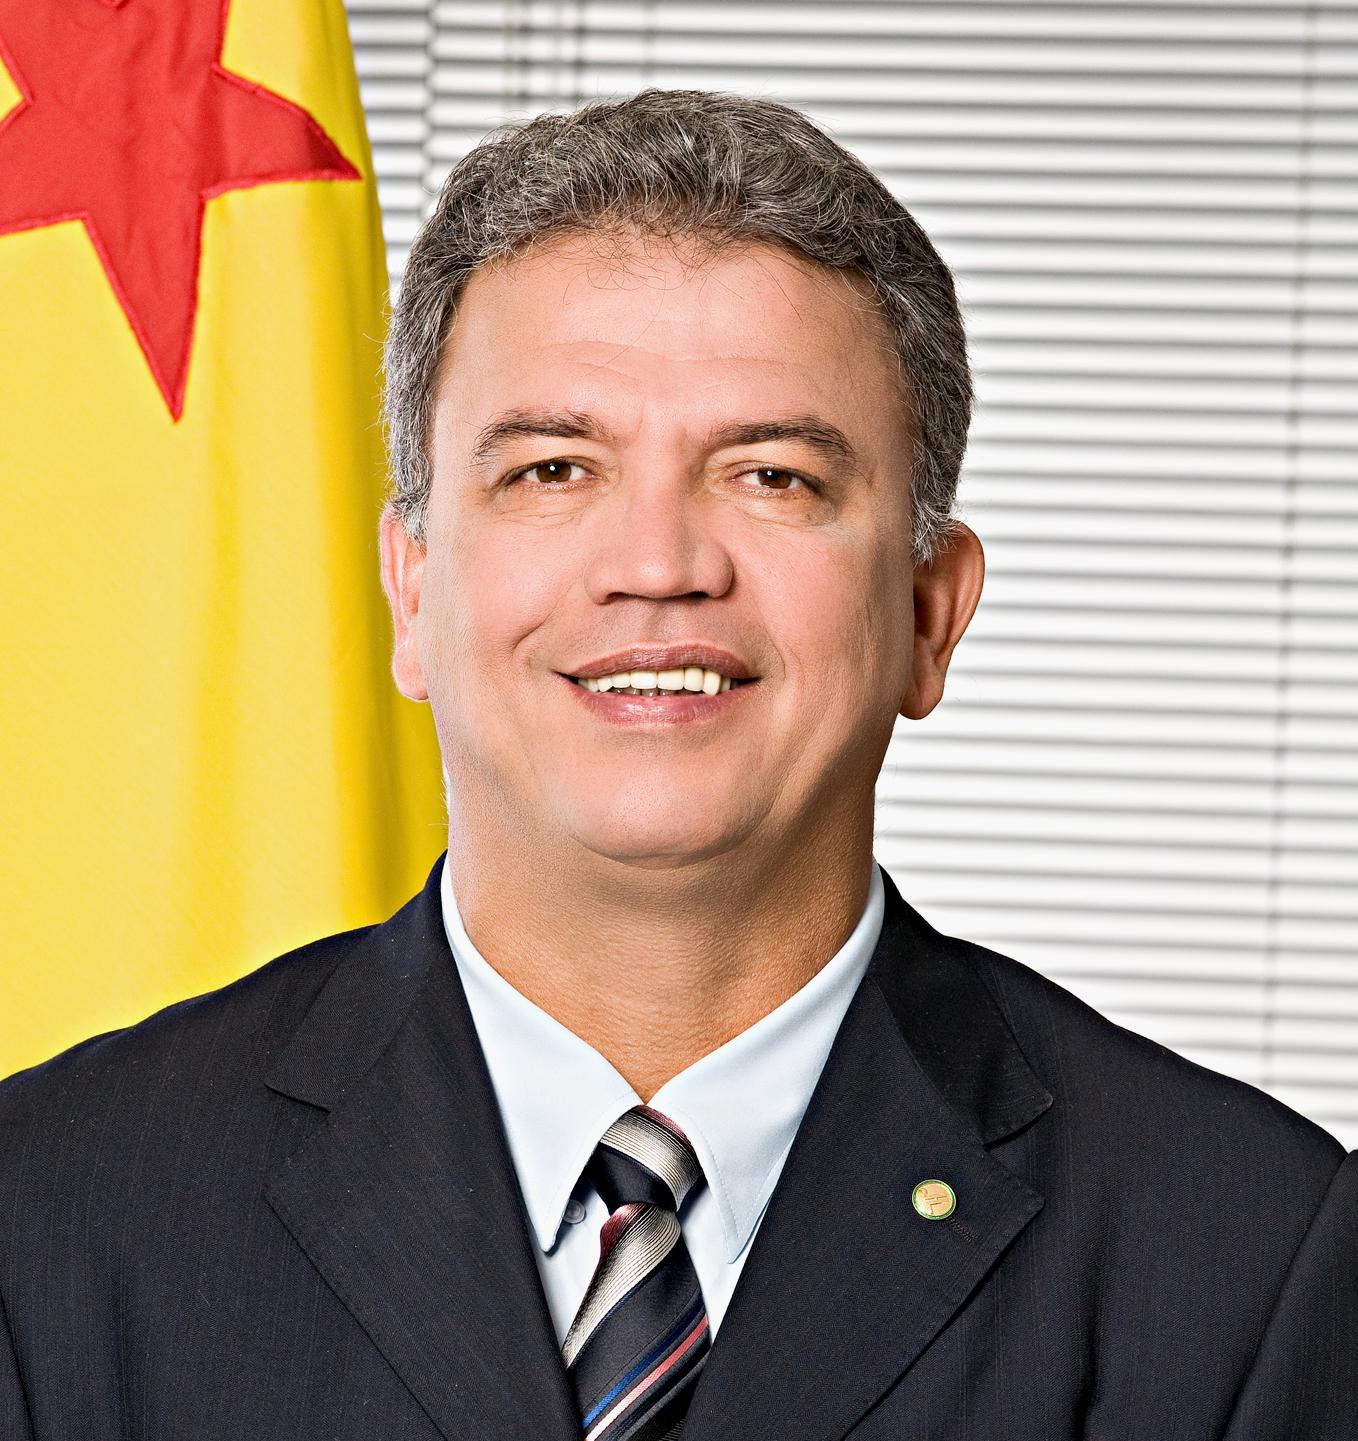 Veja o que saiu no Migalhas sobre Sérgio Petecão